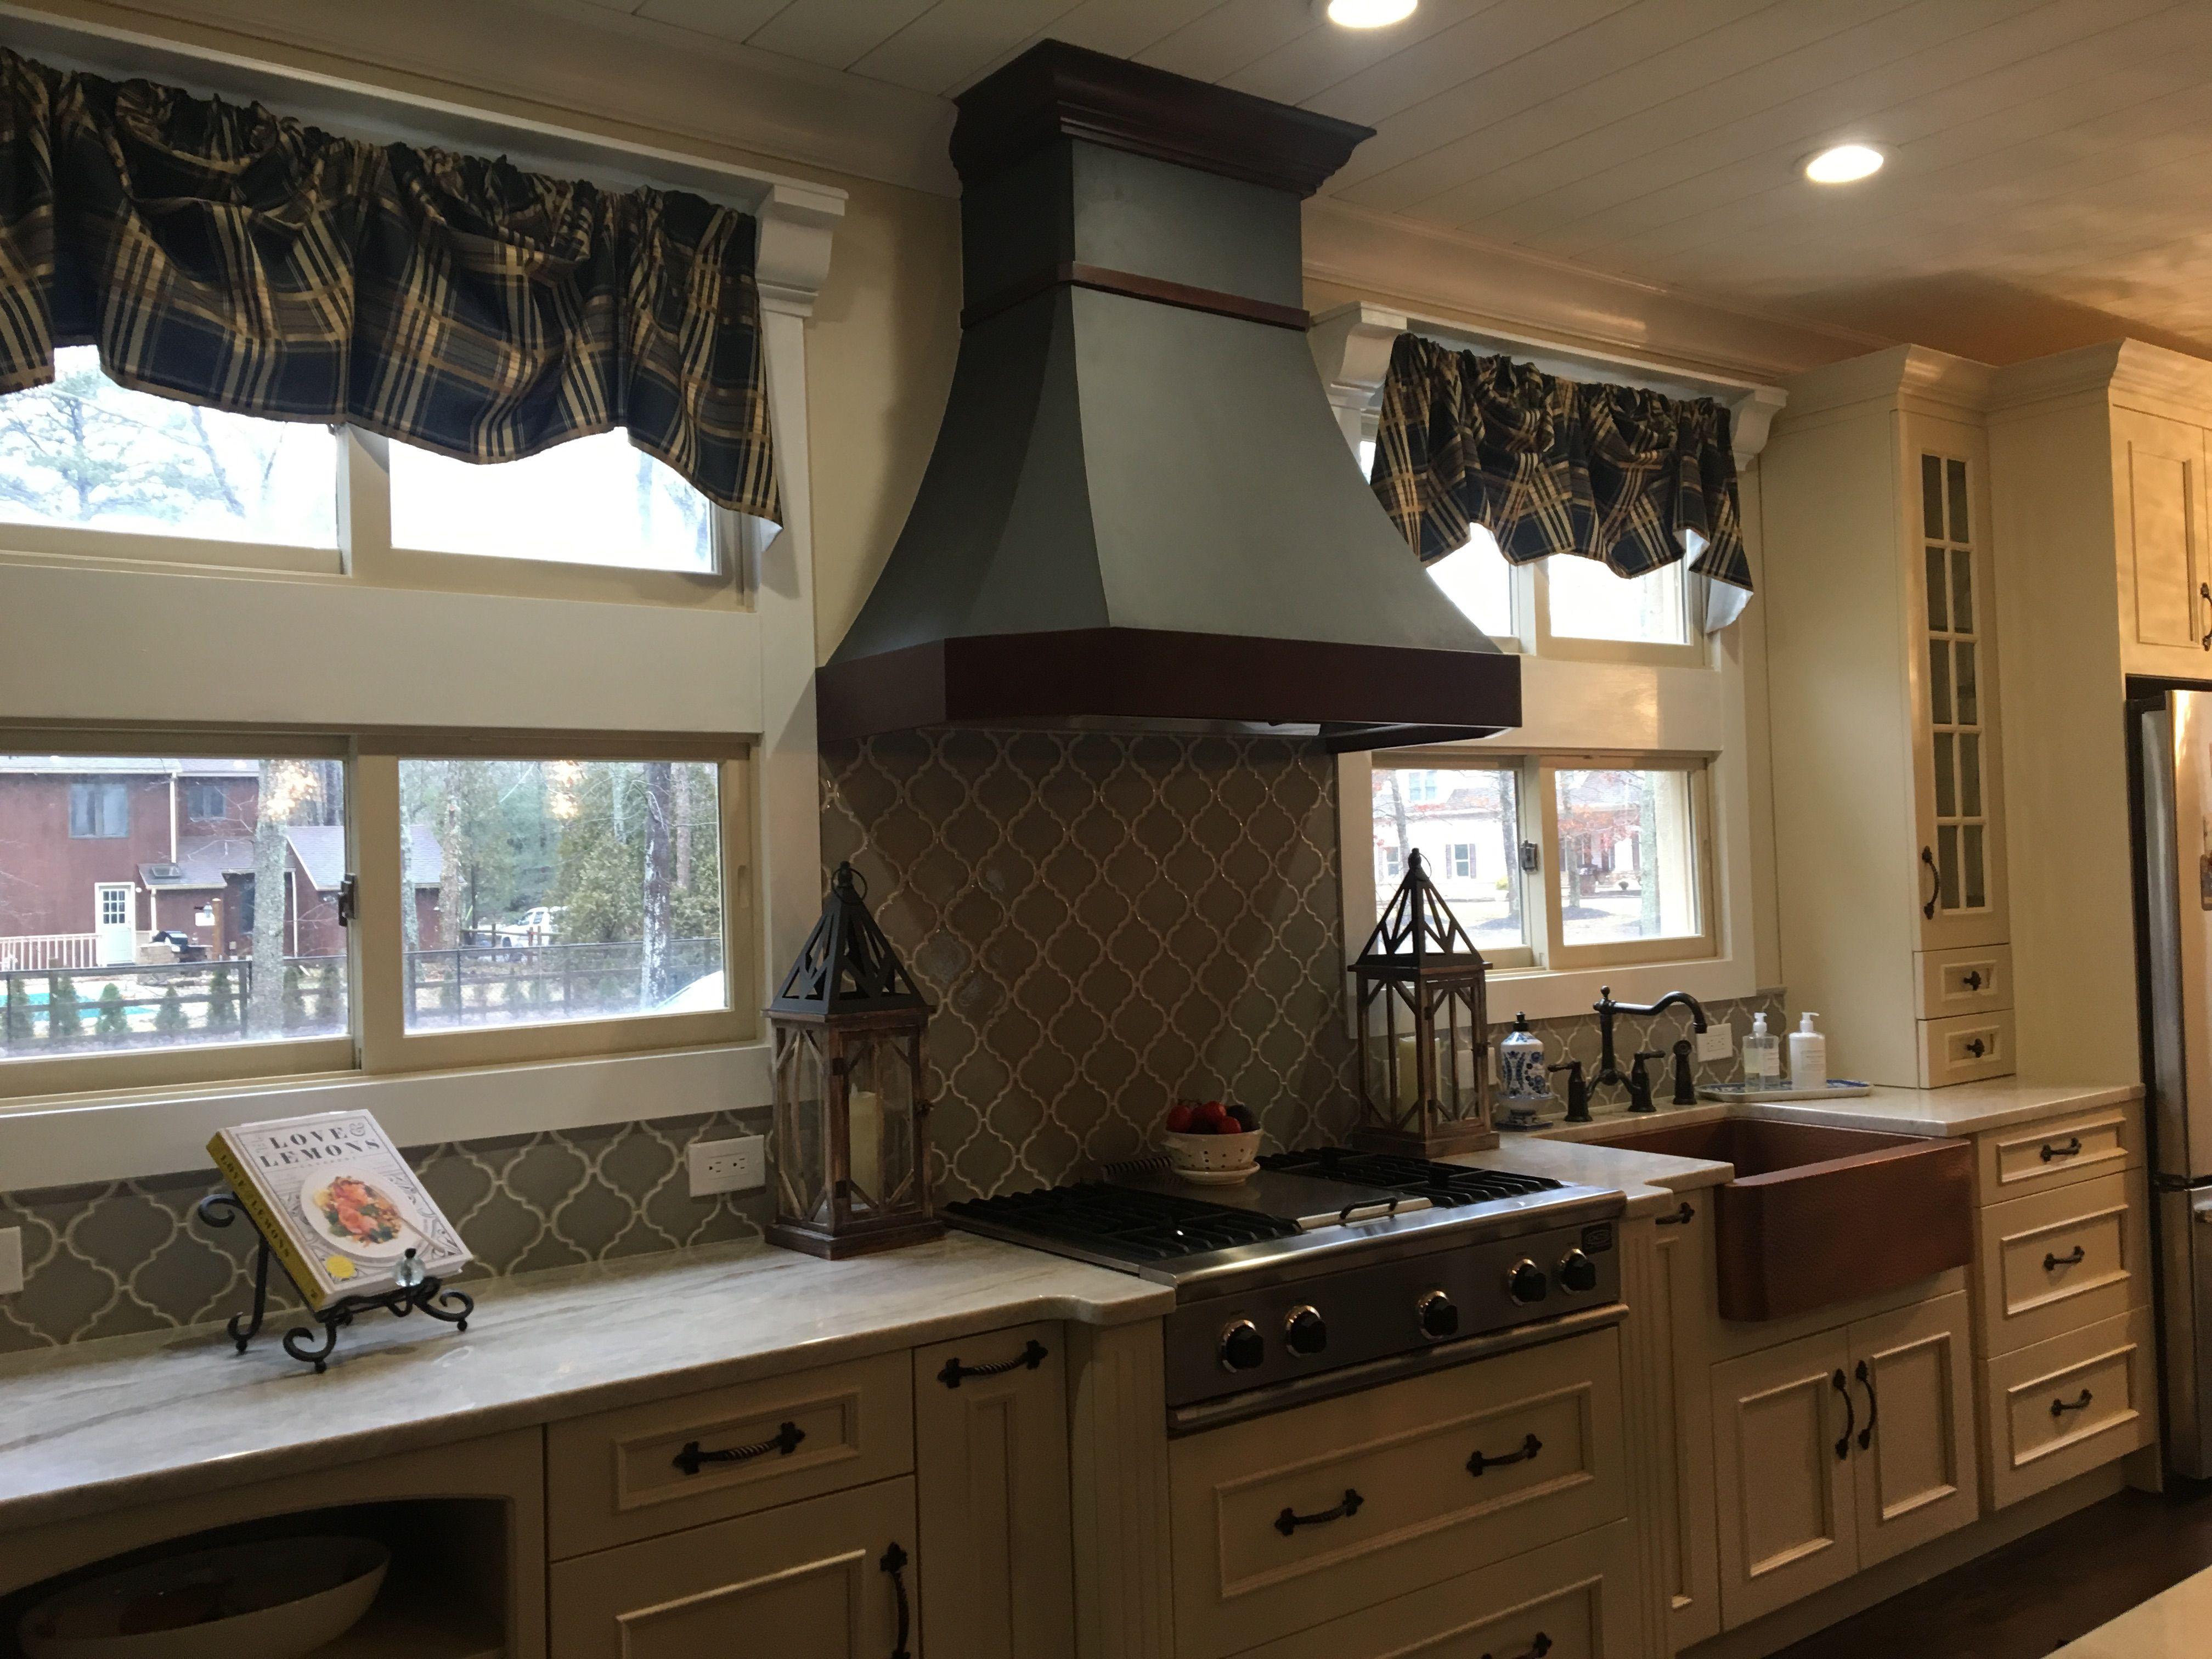 Kitchen Cabinetry Is St Martin With Pearla Venada Quartzite Marble Granite Countertops Kitchen Cabinetry Marble Granite